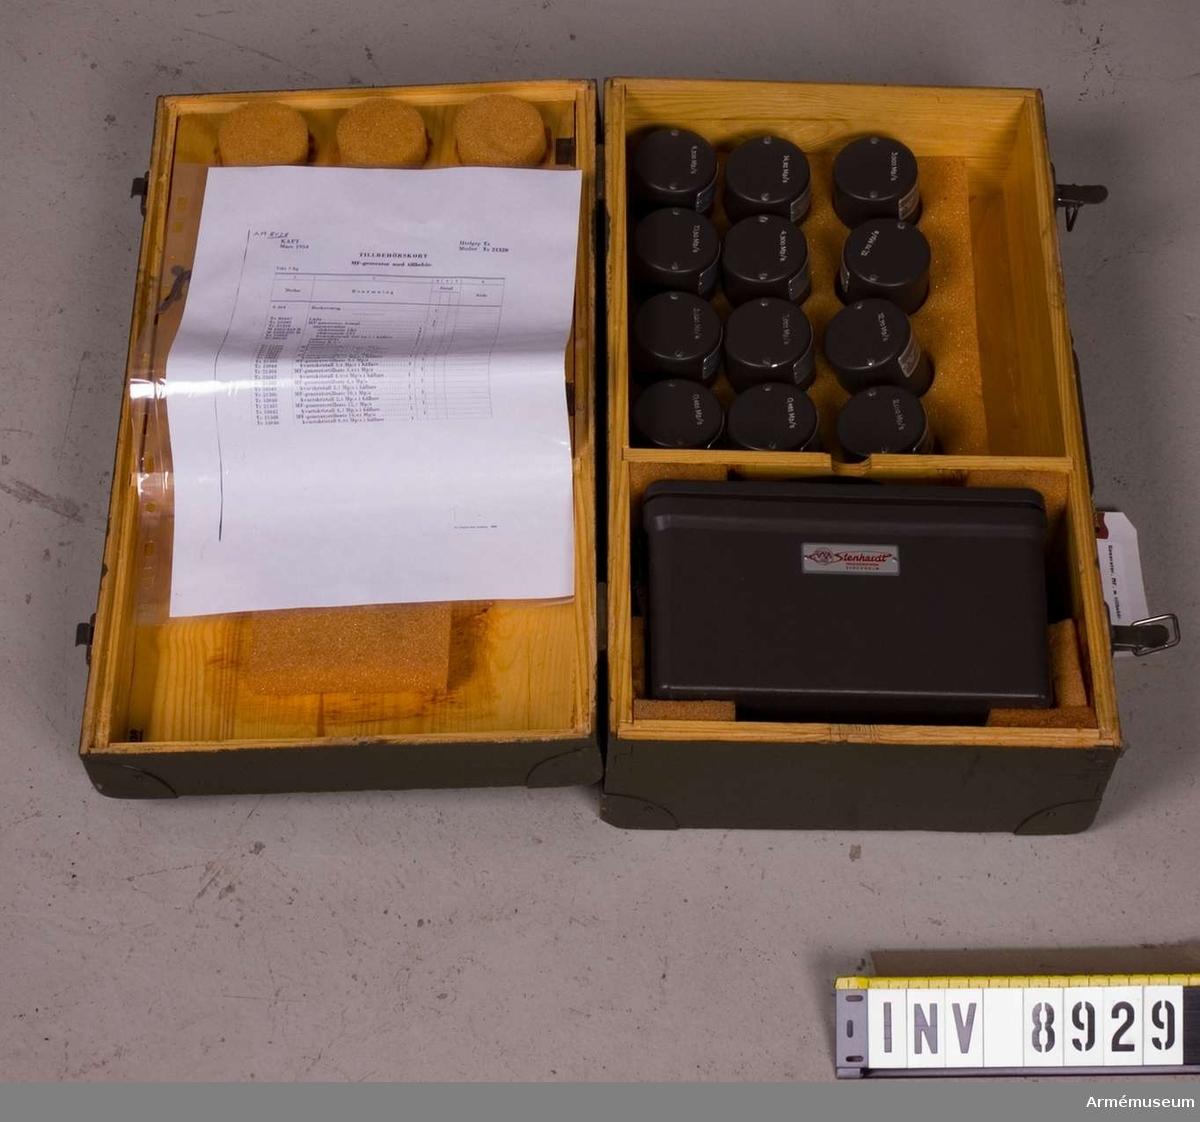 Materialnr 21299 (M 3743-135011). Består av: 1 st MF-generator, 1 st låda av trä, mått 435 x 255 x 145 mm. Vikt 6930 g med tillbehör, märkt: tre kronor M 3743-135011 MF-generator MT.   Tillverkningnr 1018